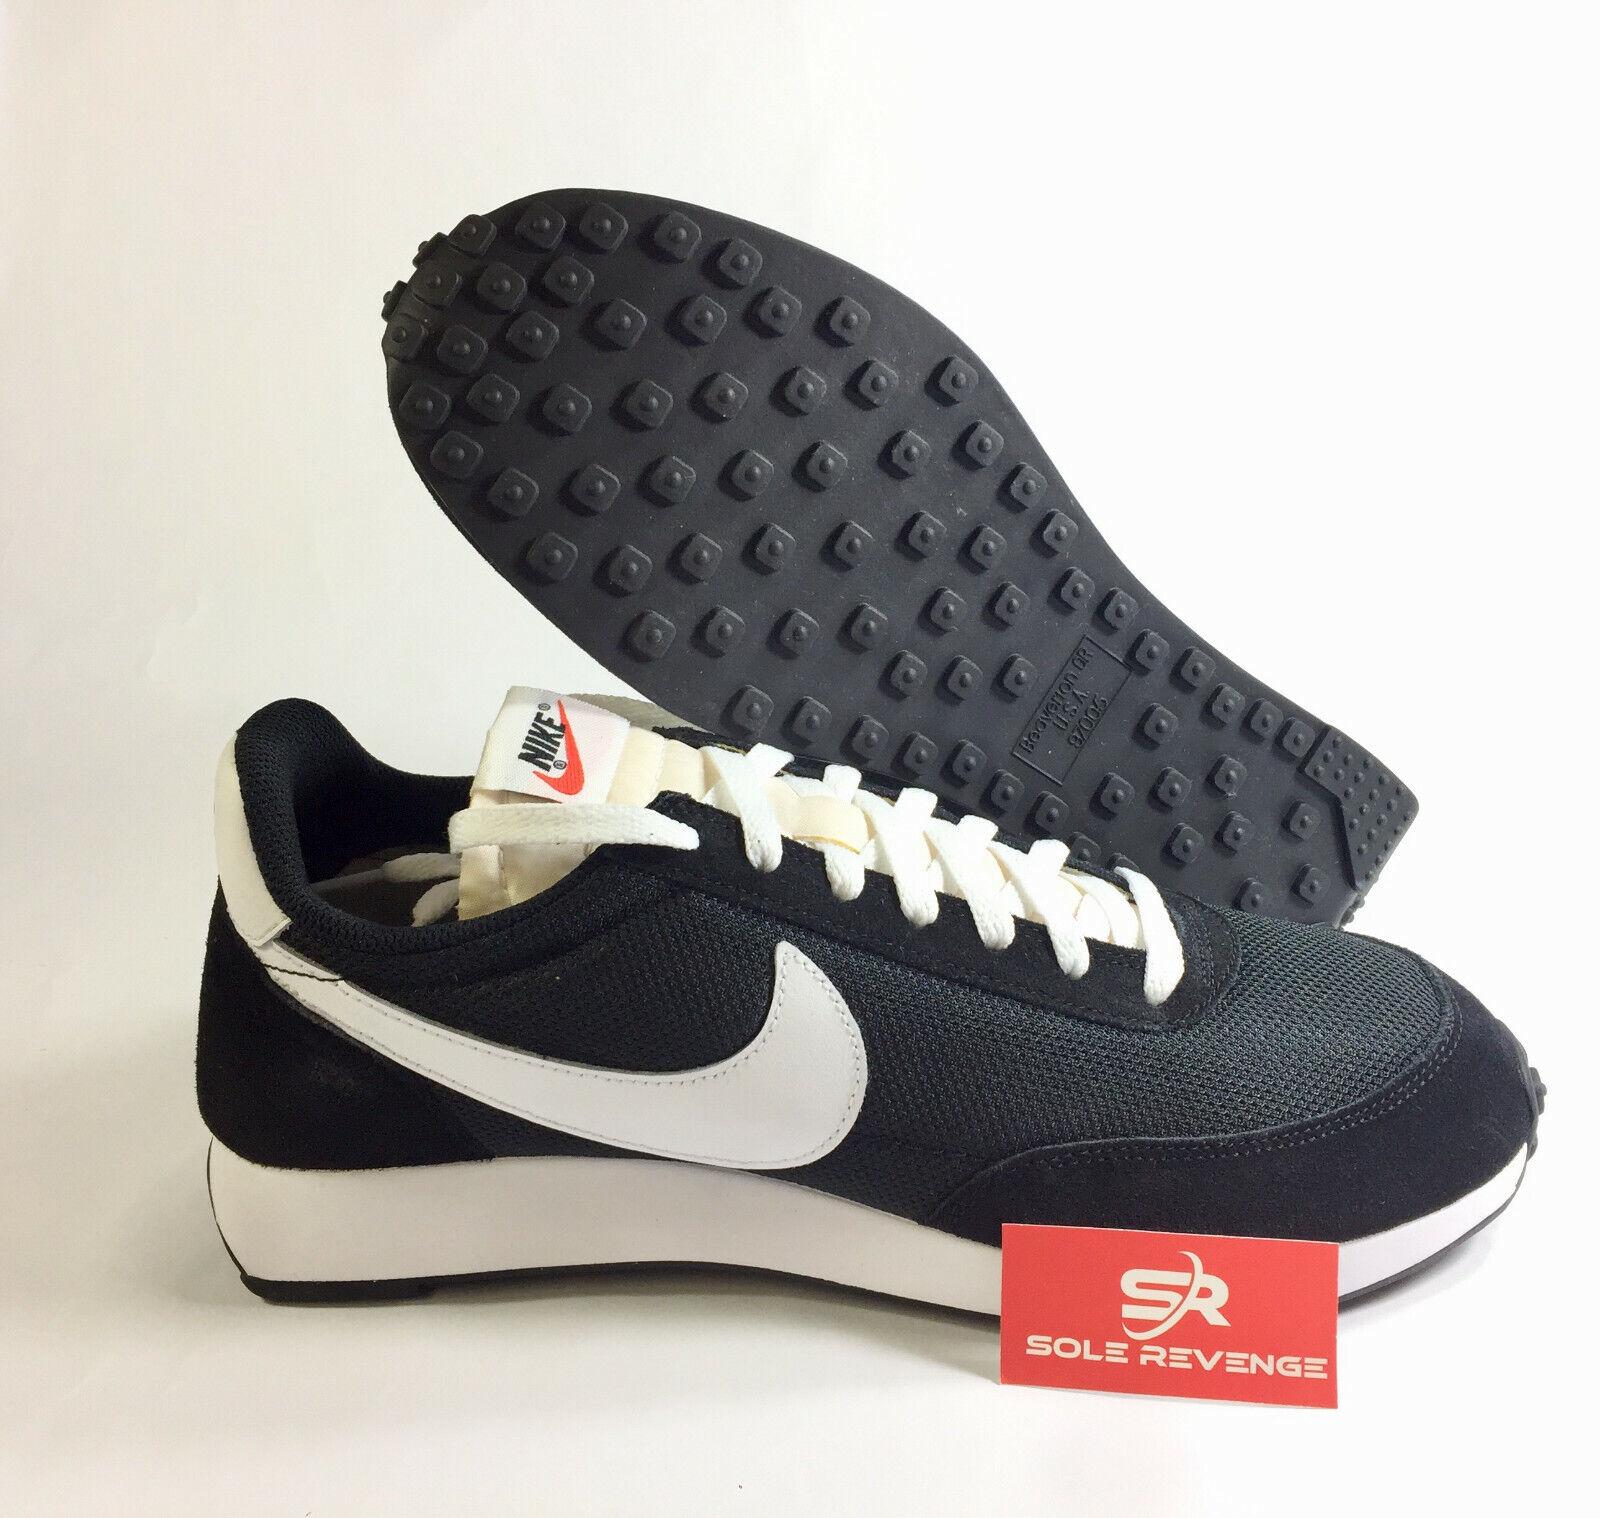 New NIKE AIR TAILWIND '79 OG 487754-009 Black White Men's shoes c1